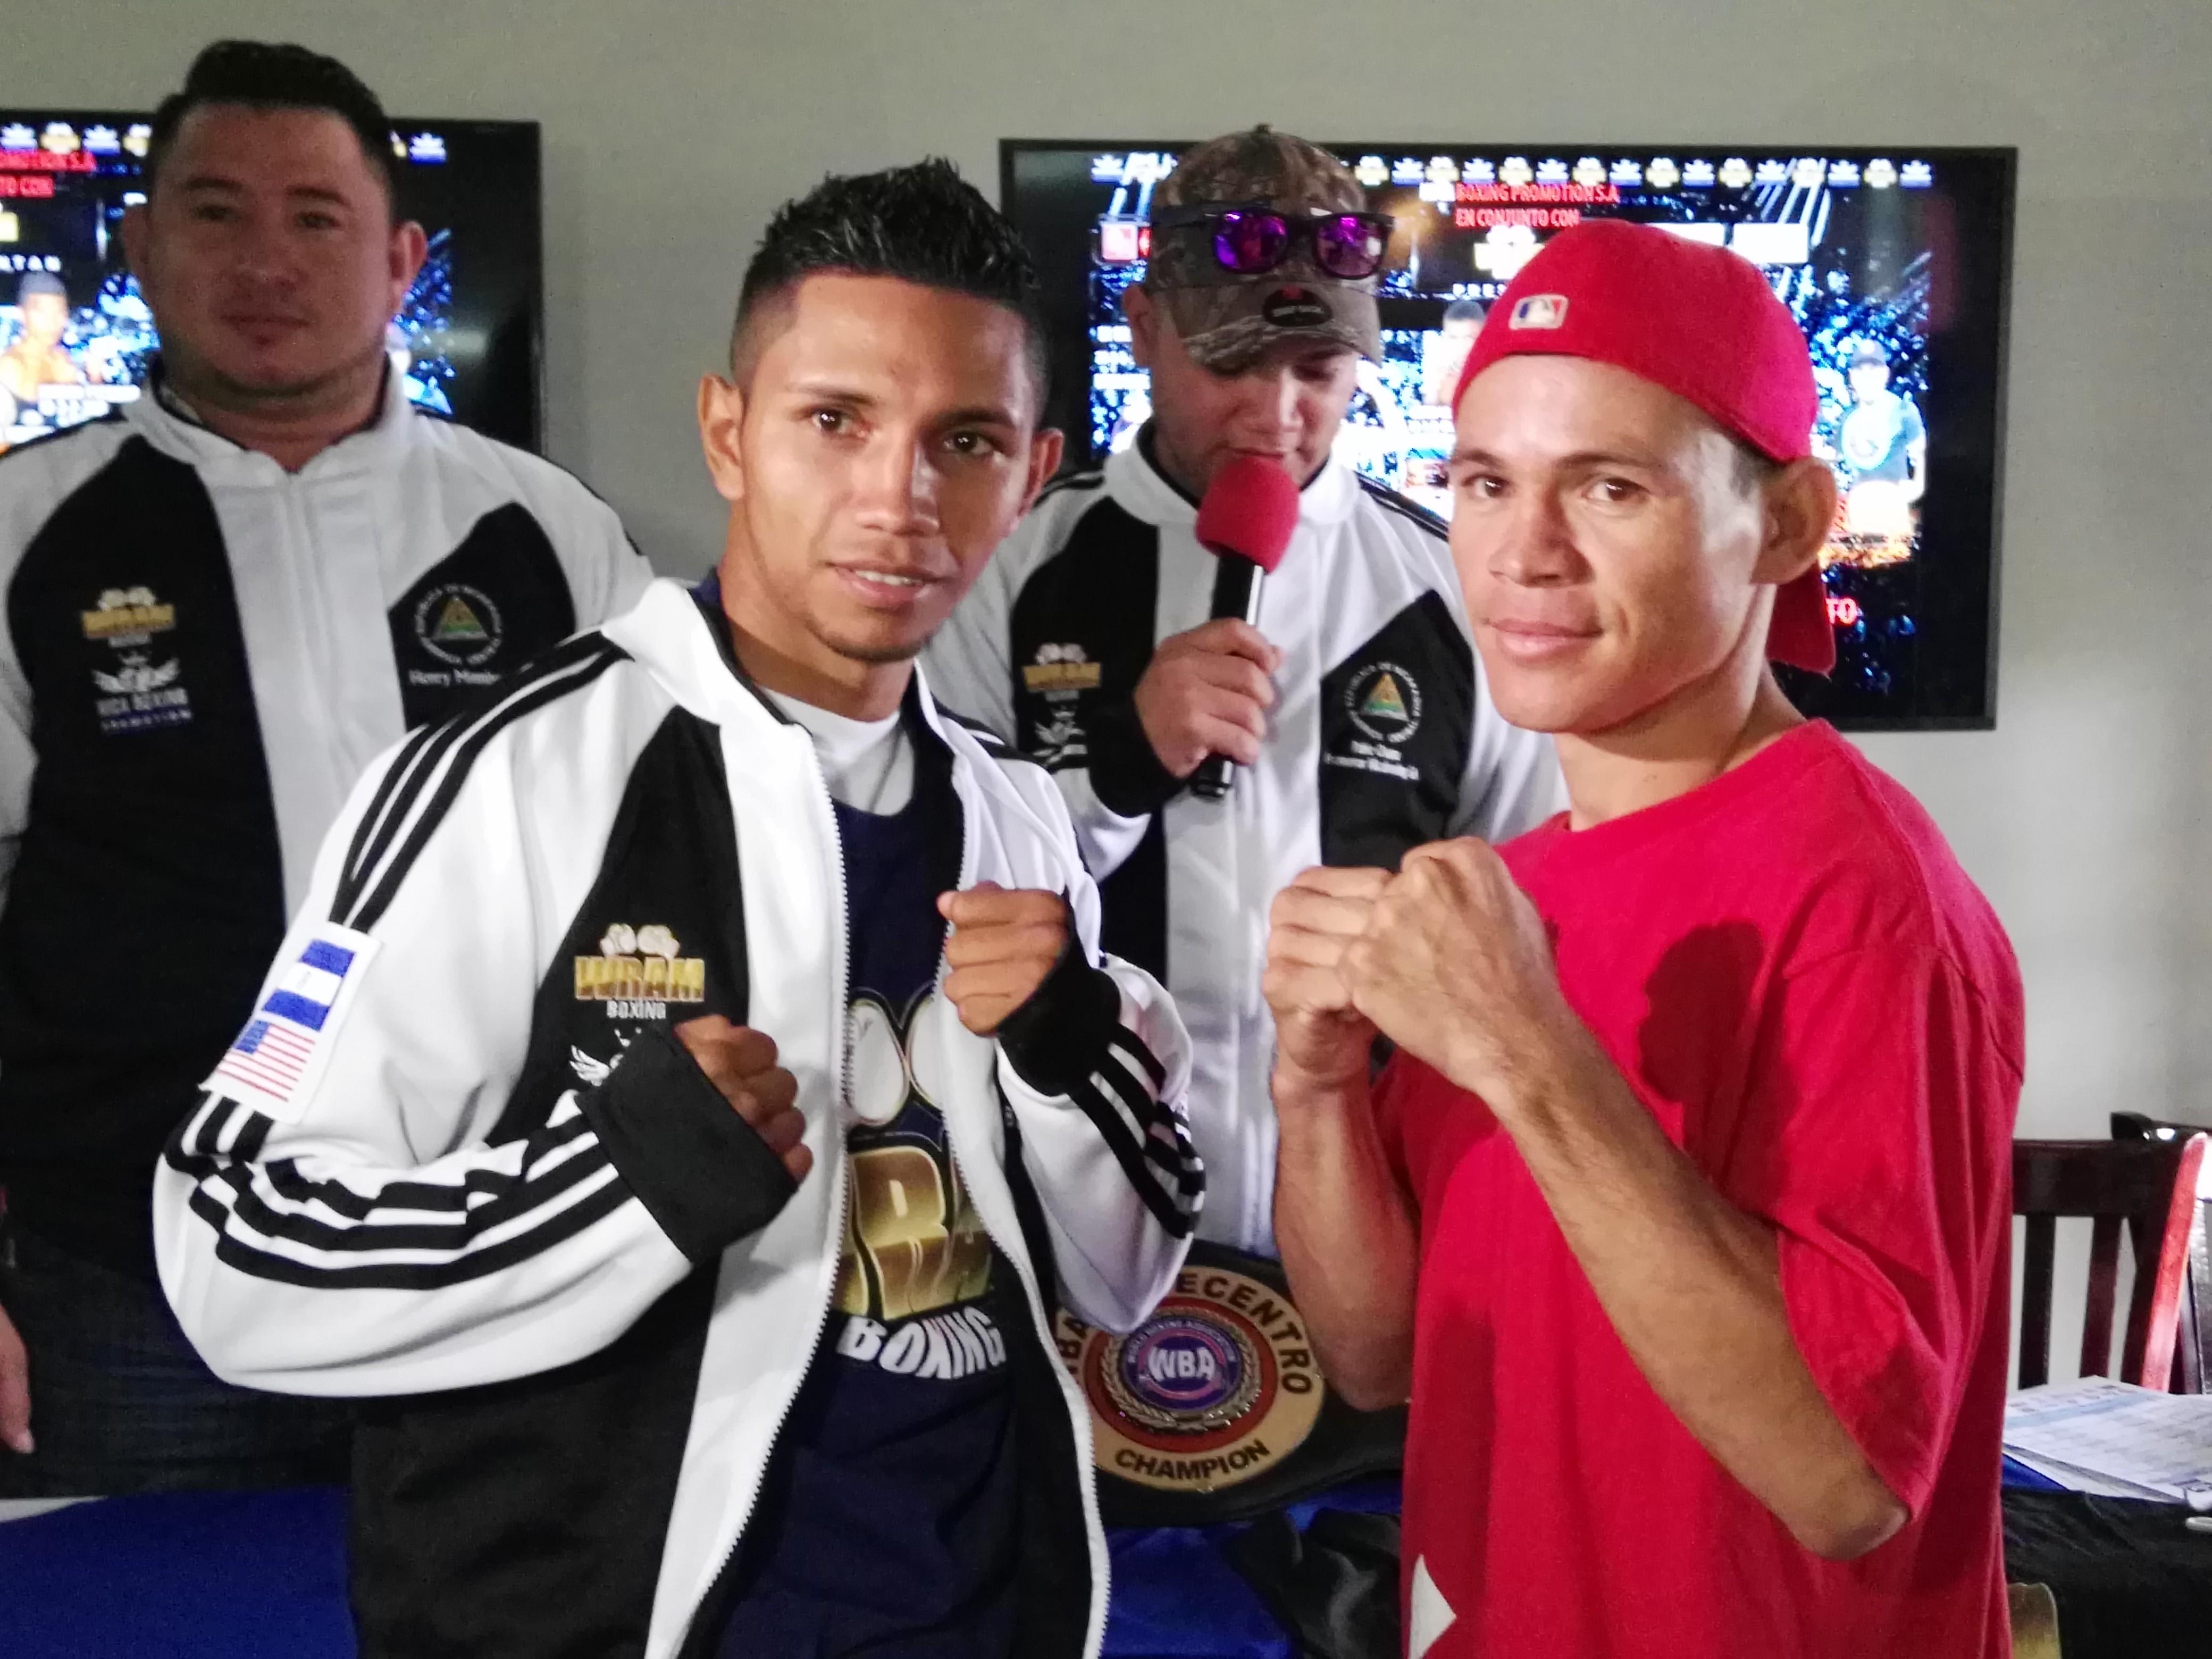 """El ex campeón mundial Byron """"El Gallito"""" Rojas en el cara a cara con Nelson Luna, su rival del próximo 25 de agosto en Managua. Foto: LA PRENSA/ Bayron Saavedra"""